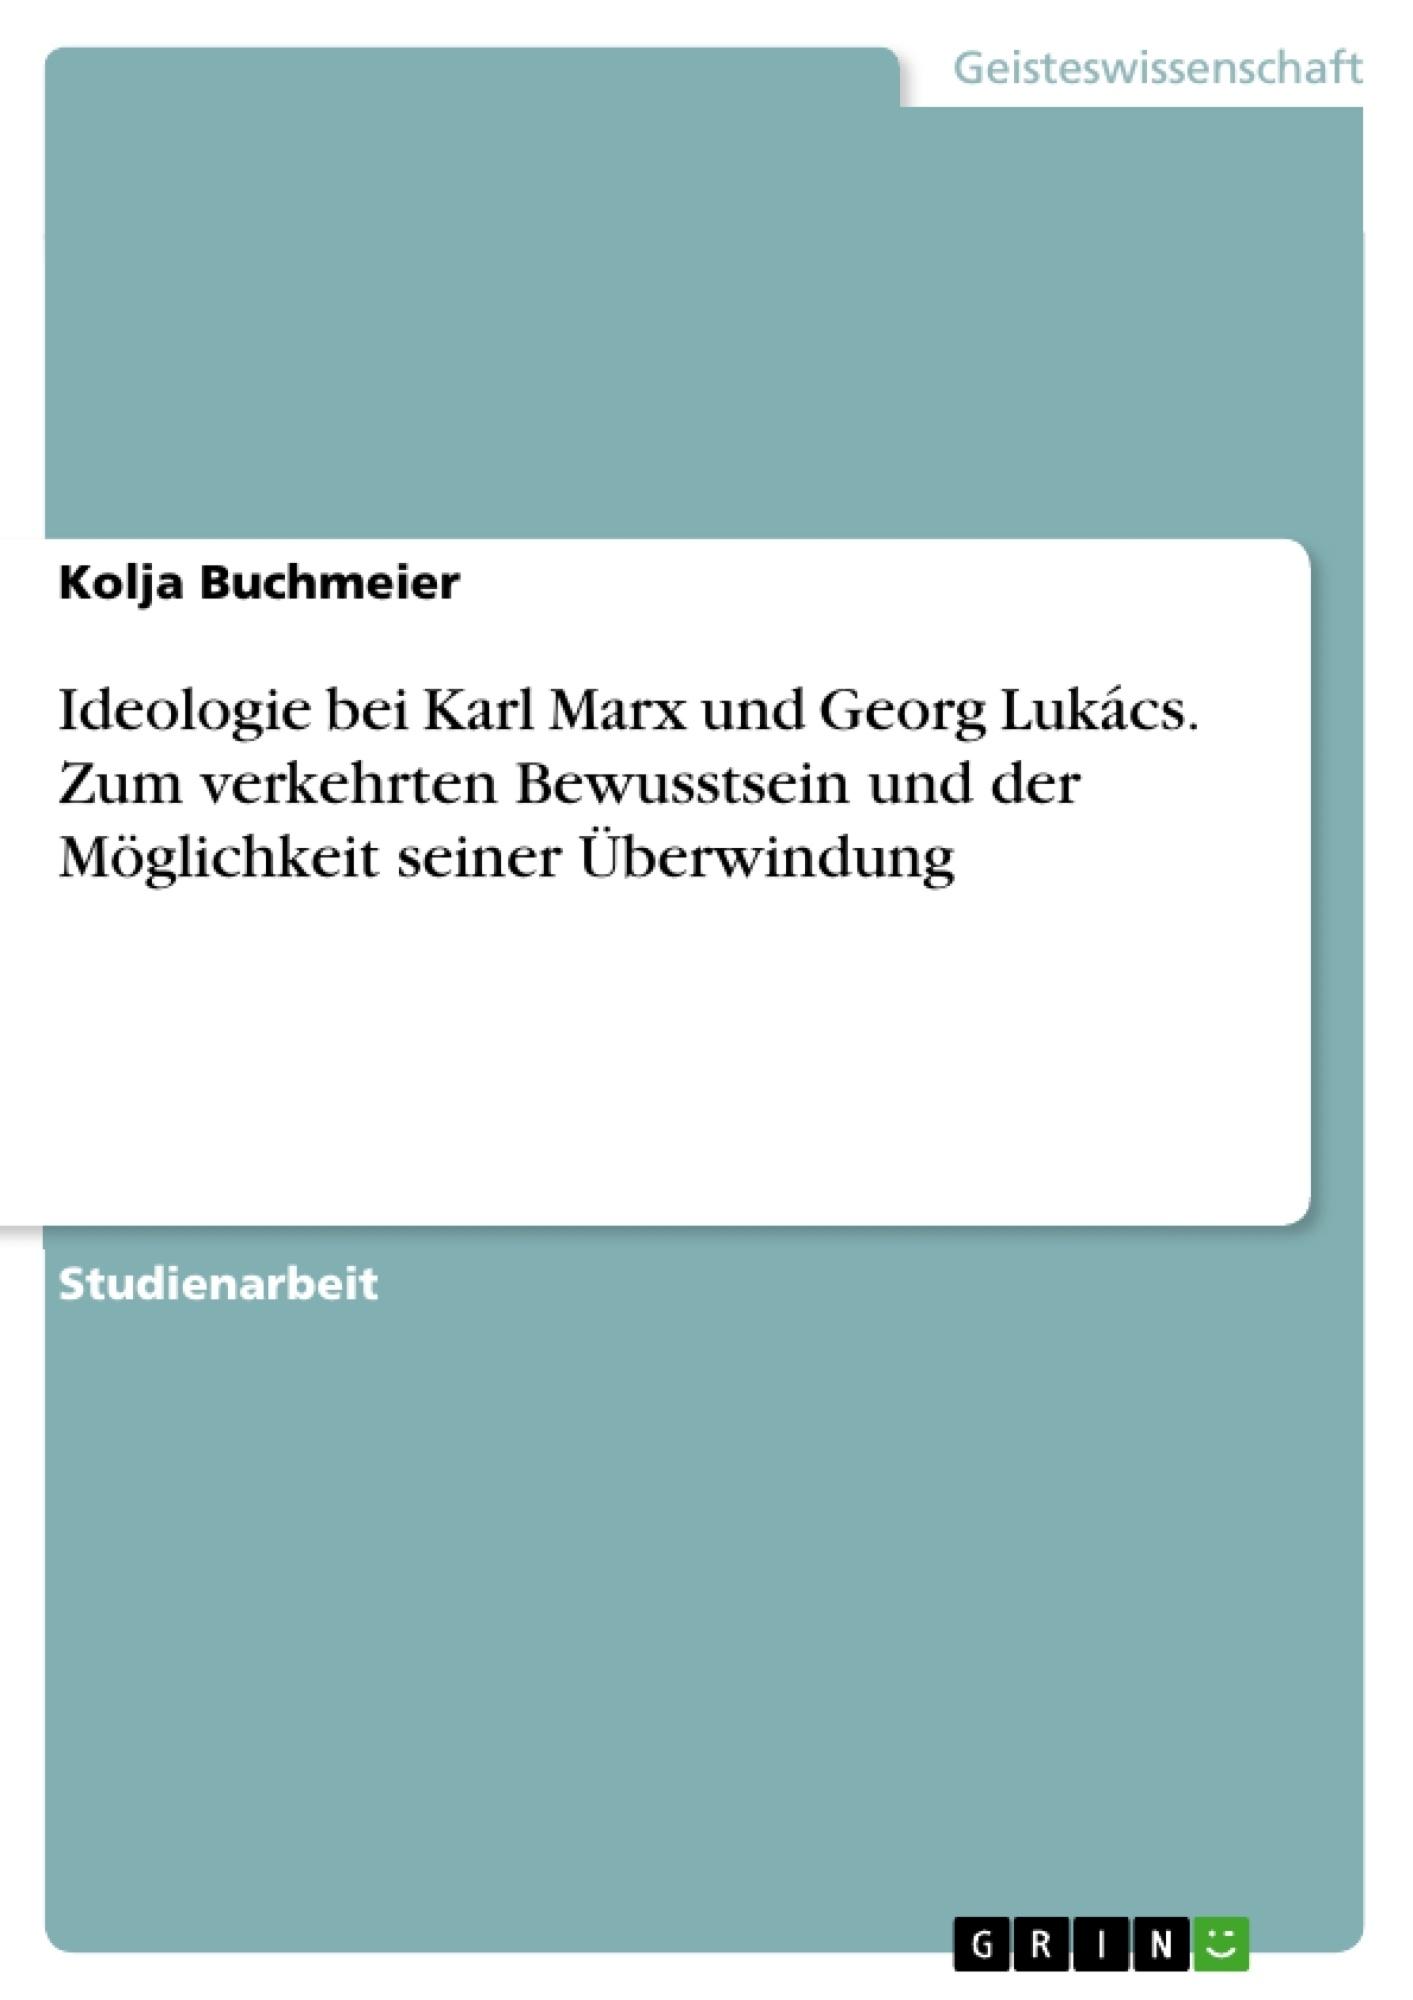 Titel: Ideologie bei Karl Marx und Georg Lukács. Zum verkehrten Bewusstsein und der Möglichkeit seiner Überwindung